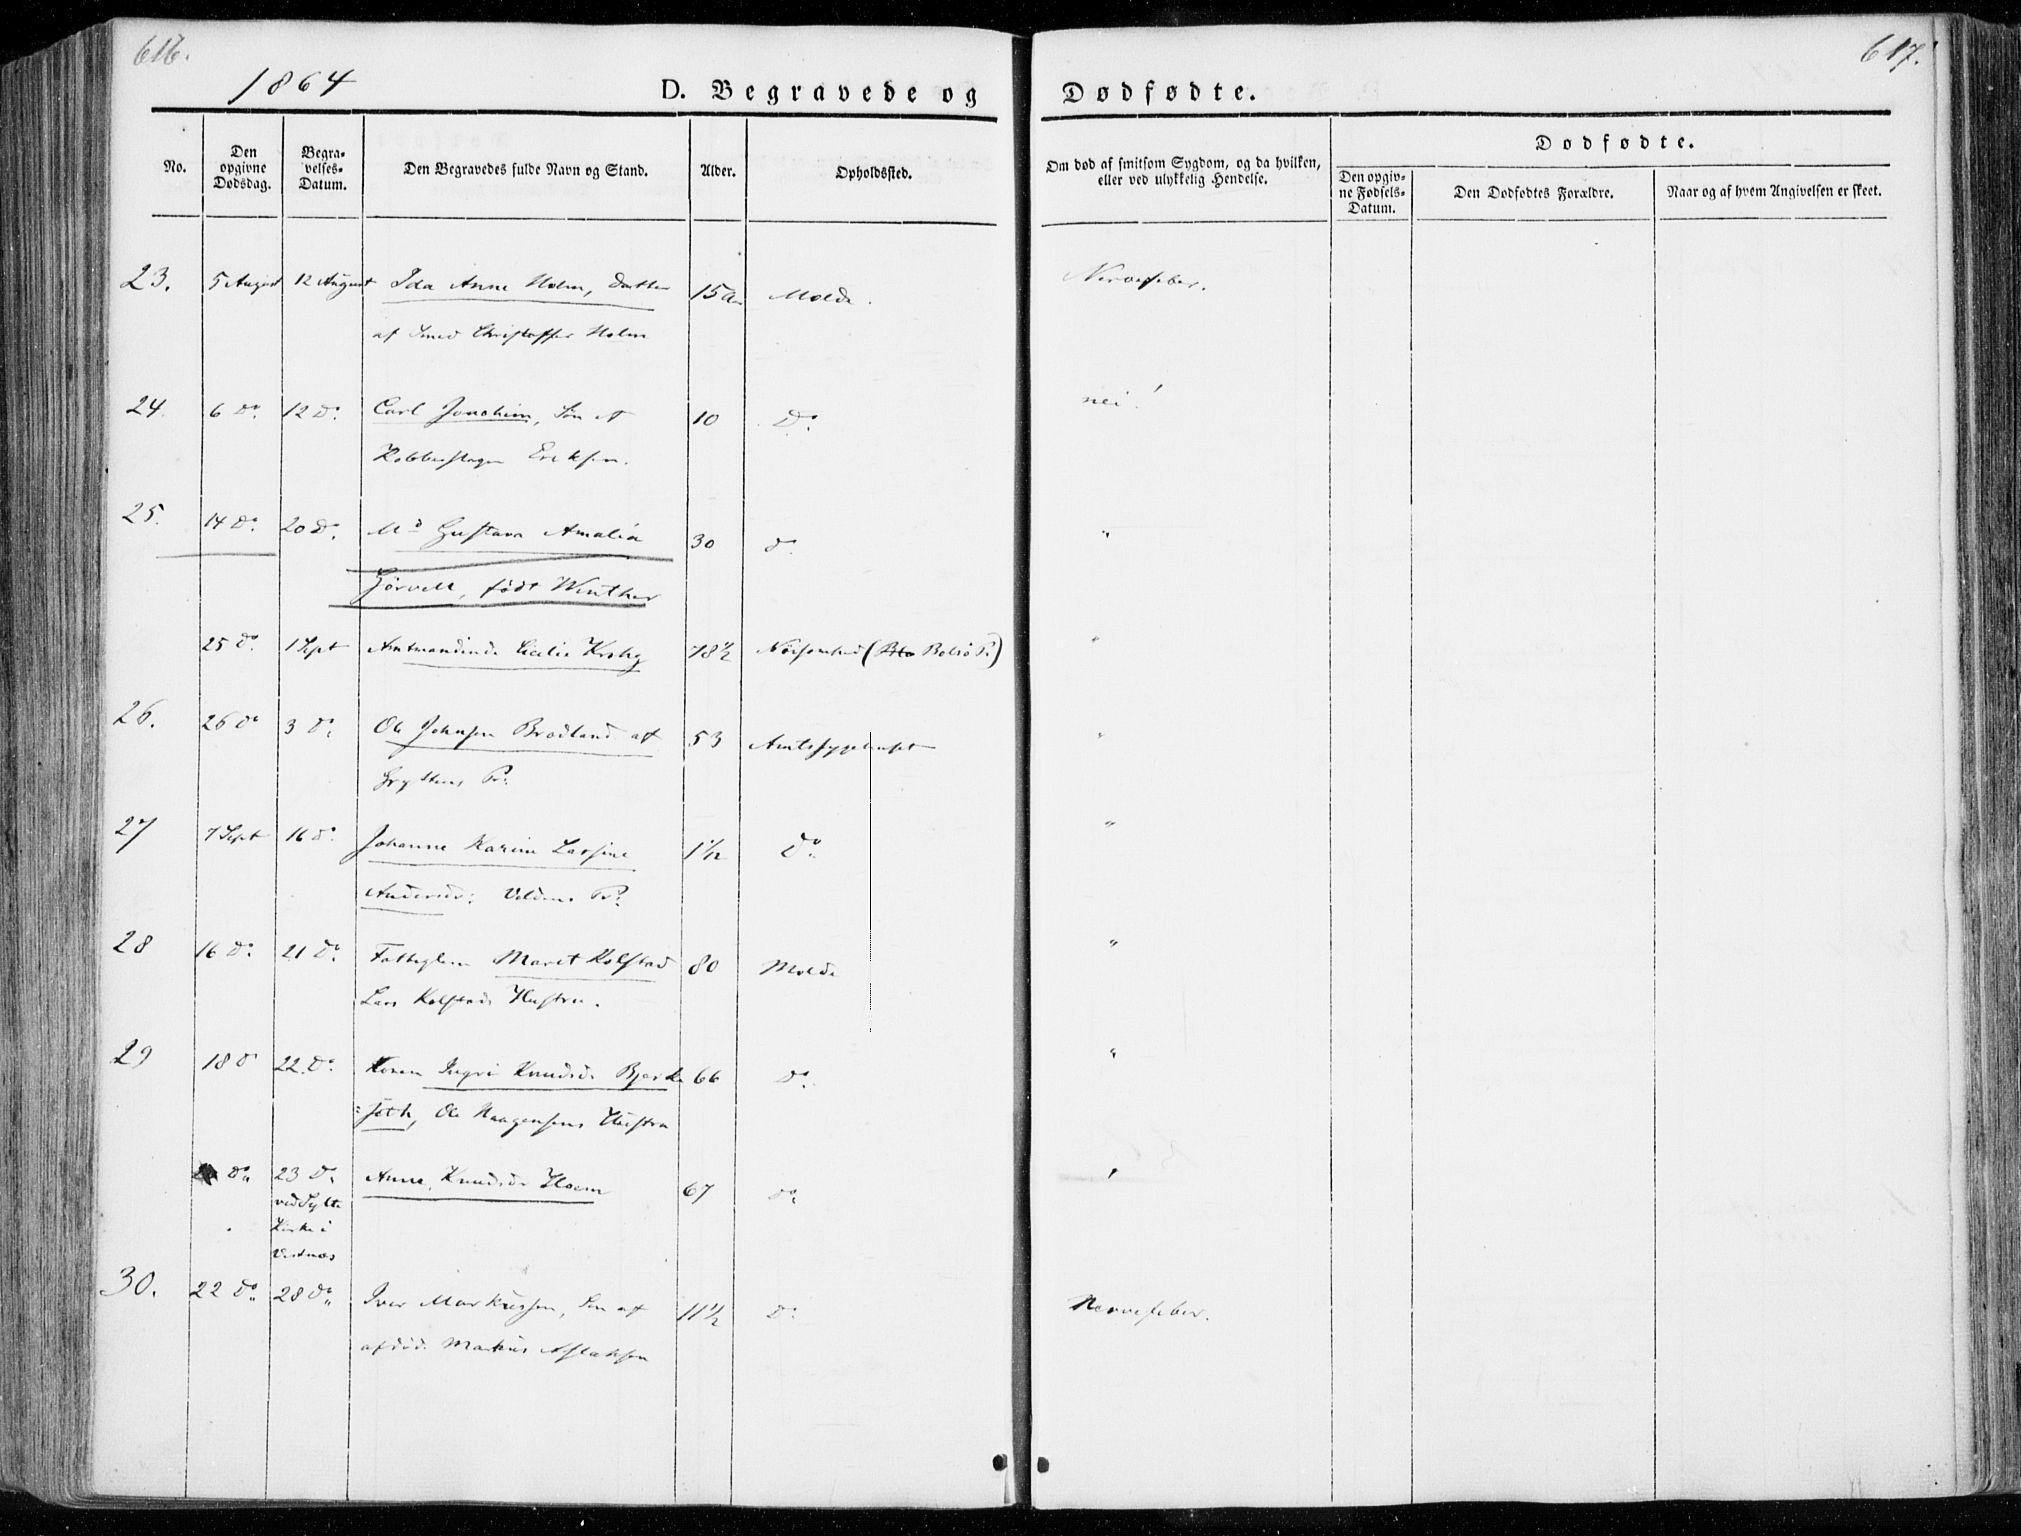 SAT, Ministerialprotokoller, klokkerbøker og fødselsregistre - Møre og Romsdal, 558/L0689: Ministerialbok nr. 558A03, 1843-1872, s. 616-617